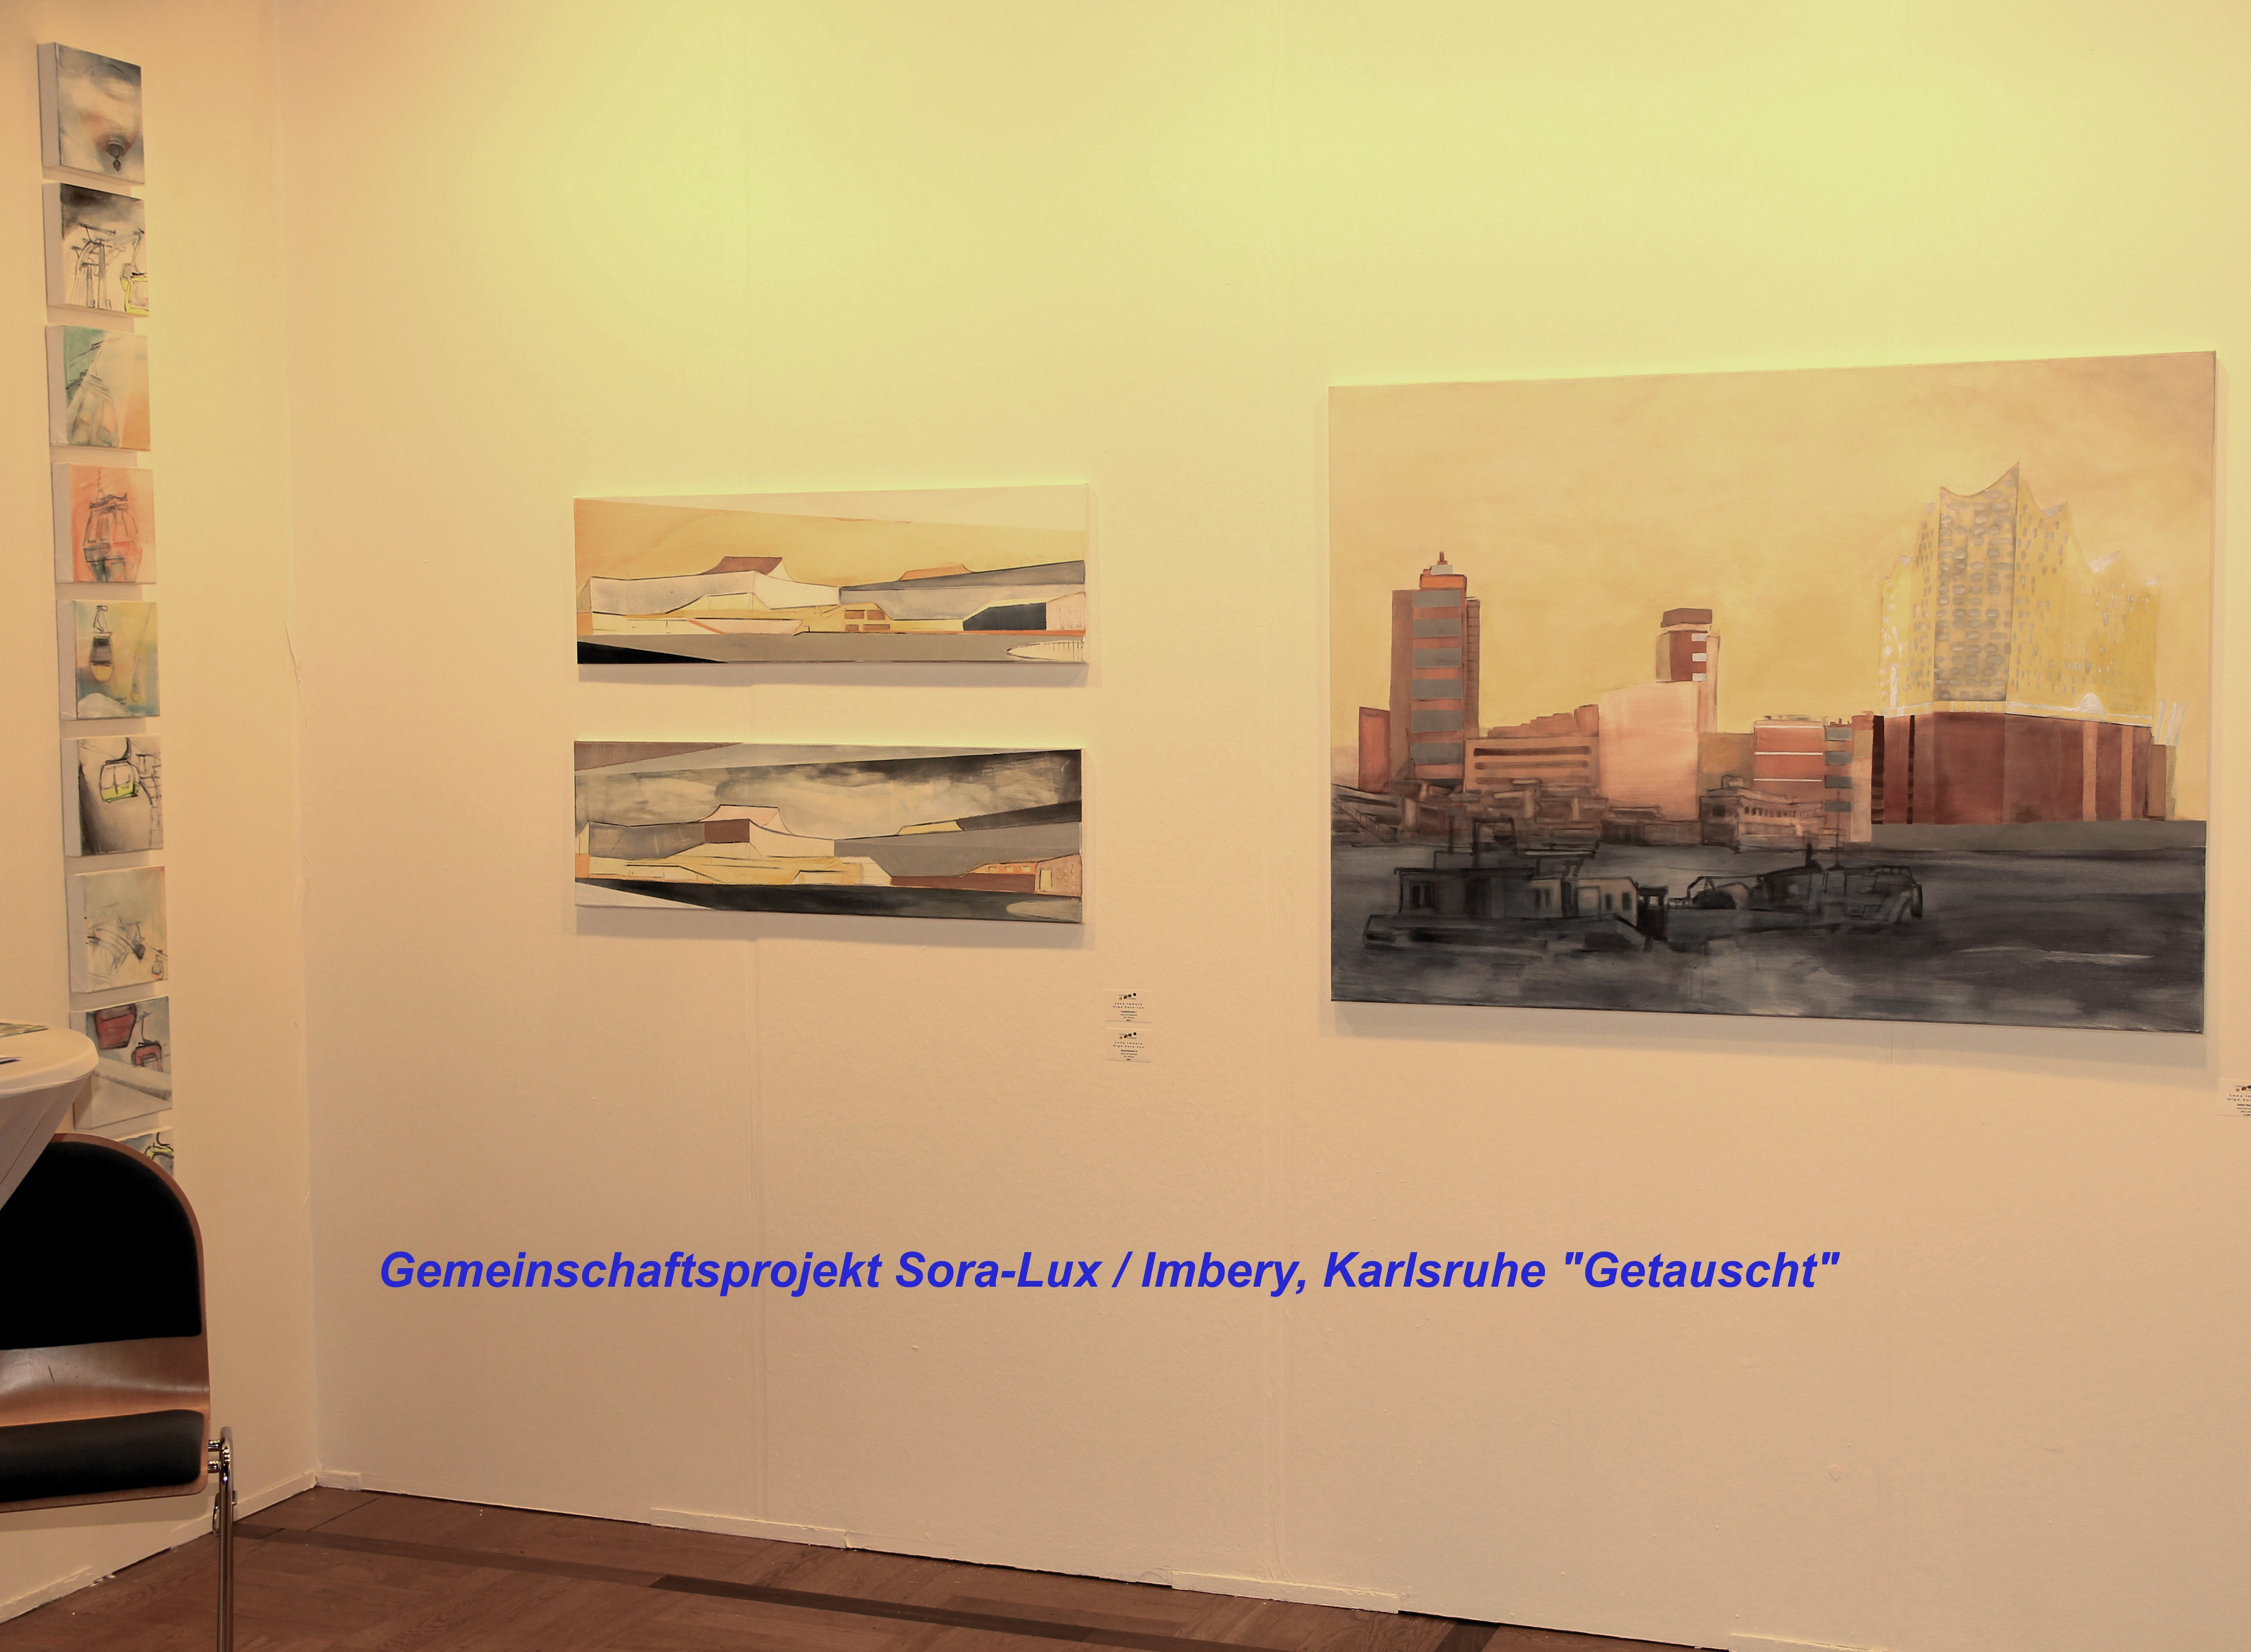 """Gemeinschaftsprojekt Sora-Lux / Imbery, Karlsruhe - """"Getauscht"""""""